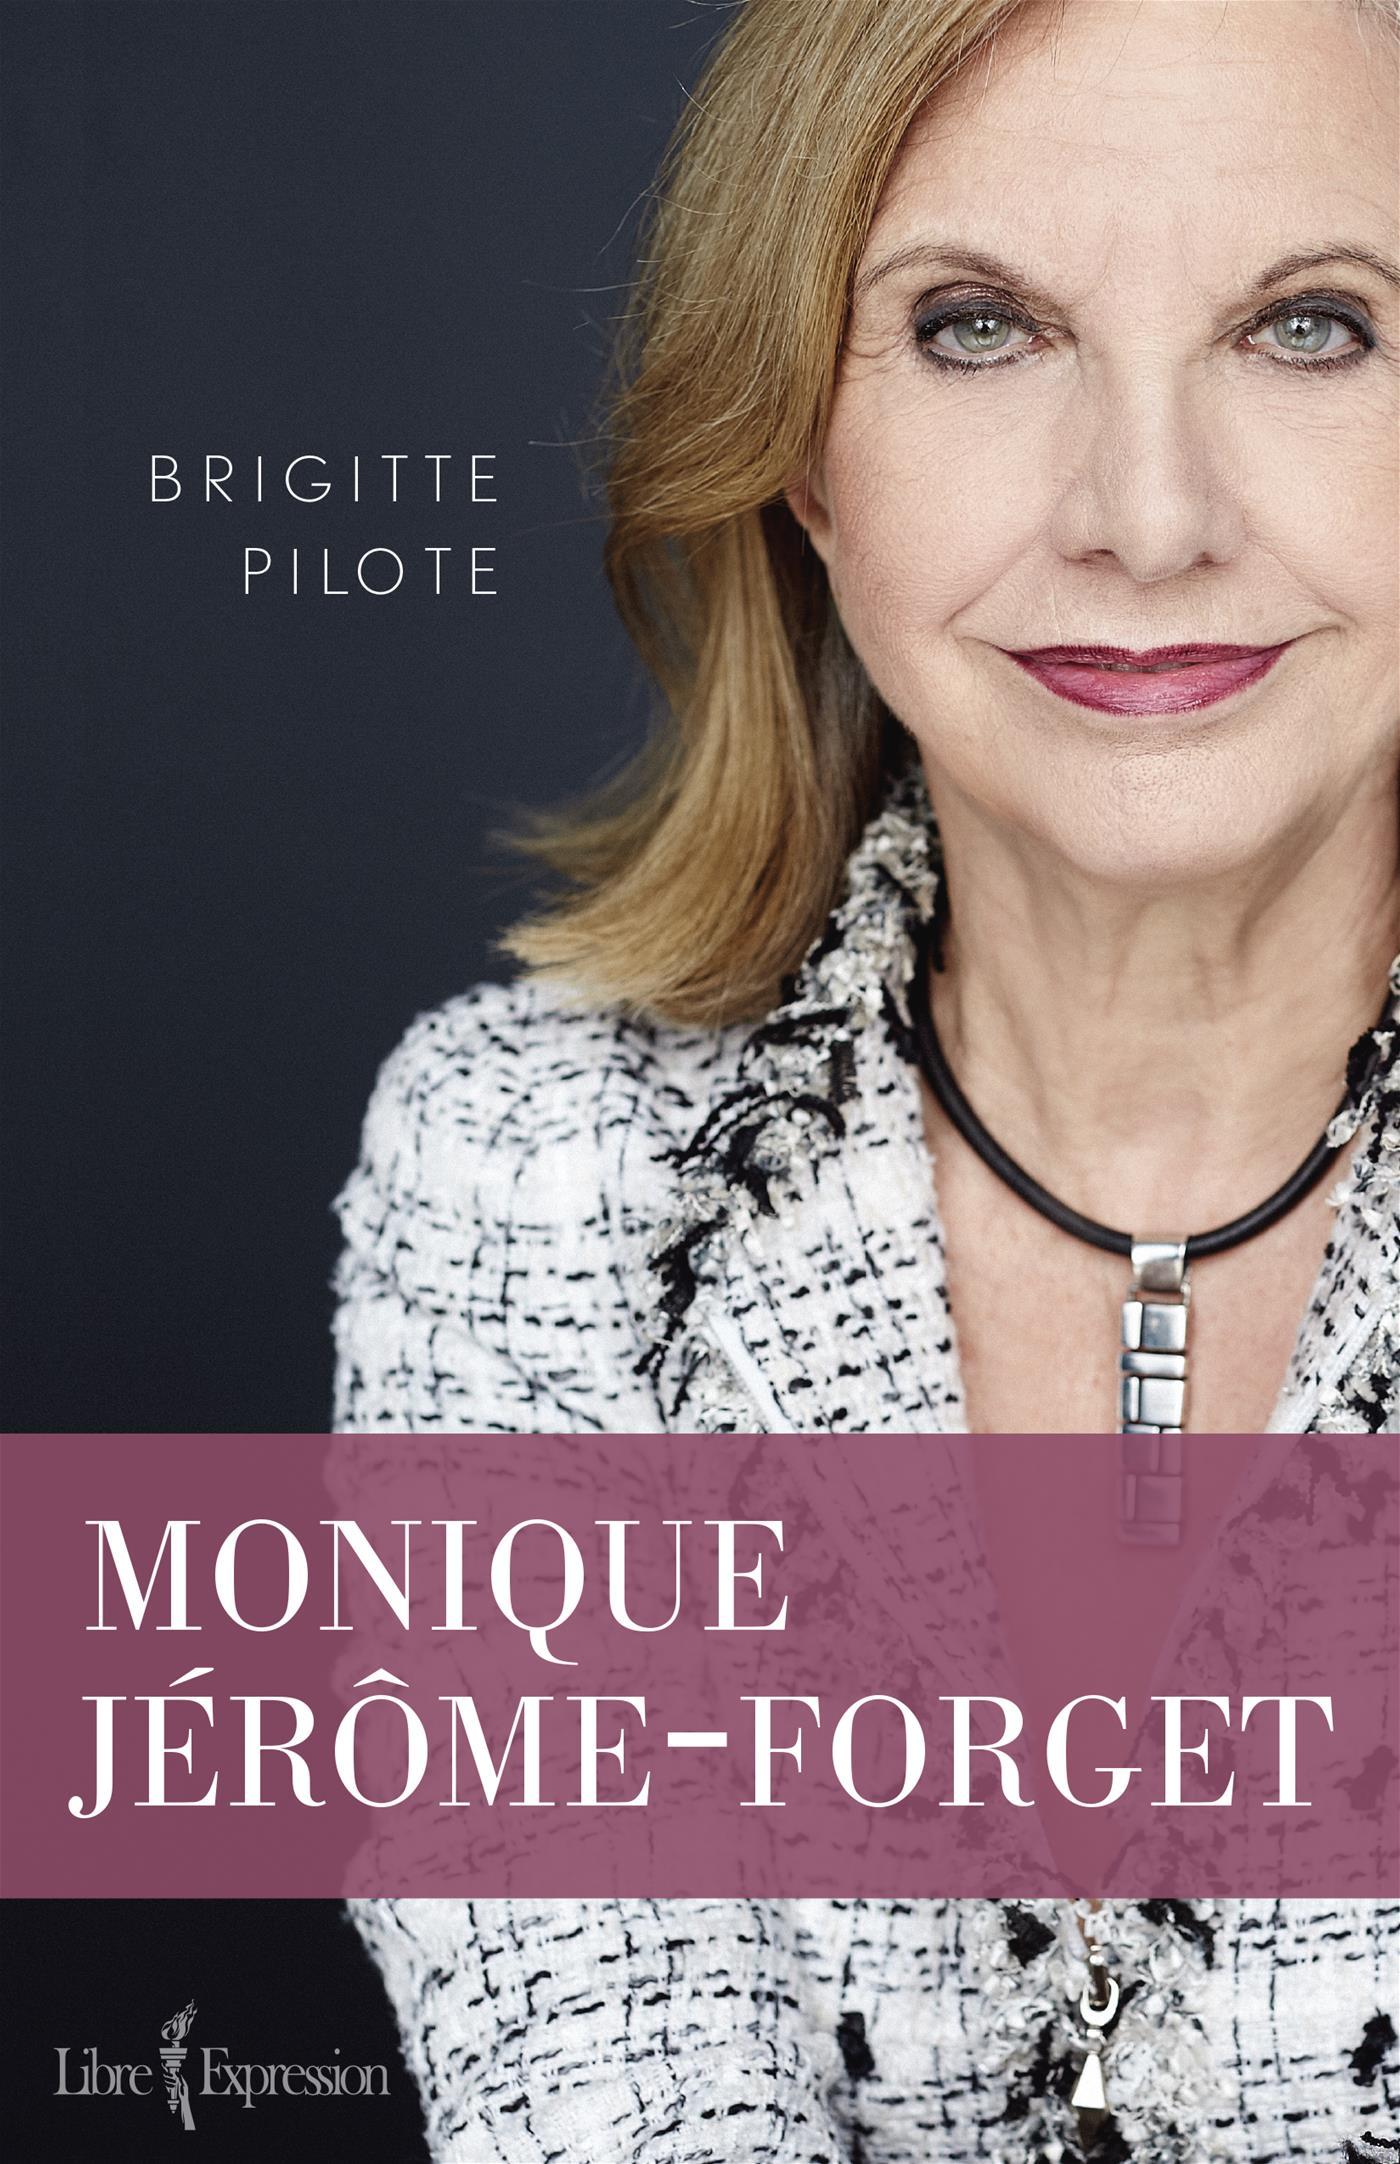 Monique Jérôme-Forget